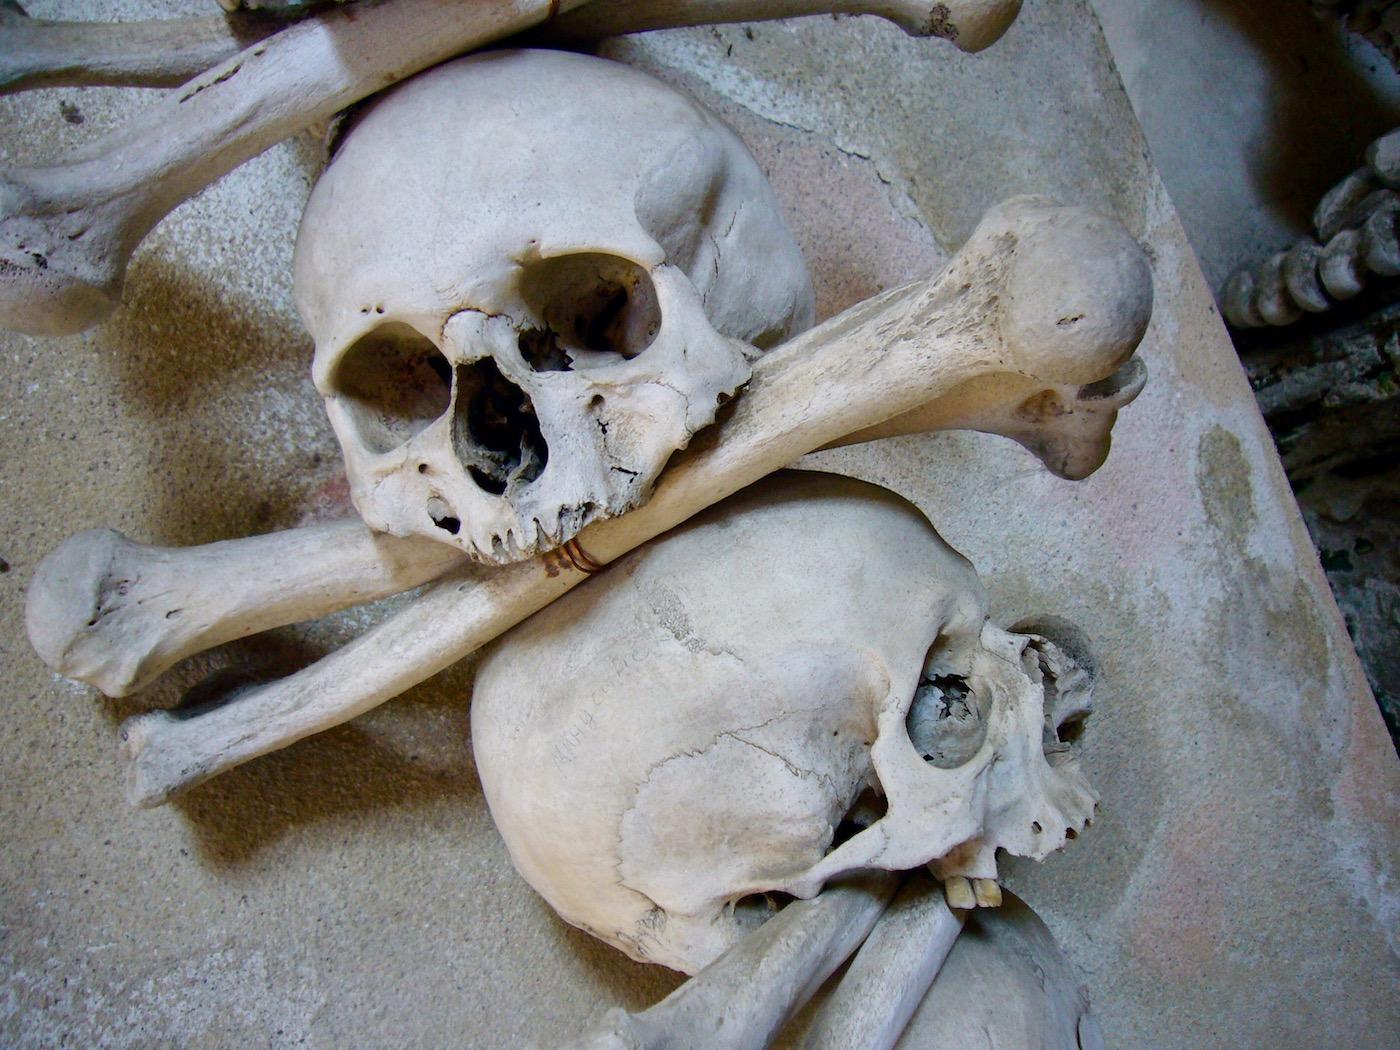 mark_benecke_kutna_hora_sedlec_prag_prague_ossuary_ossuarium - 106.jpg